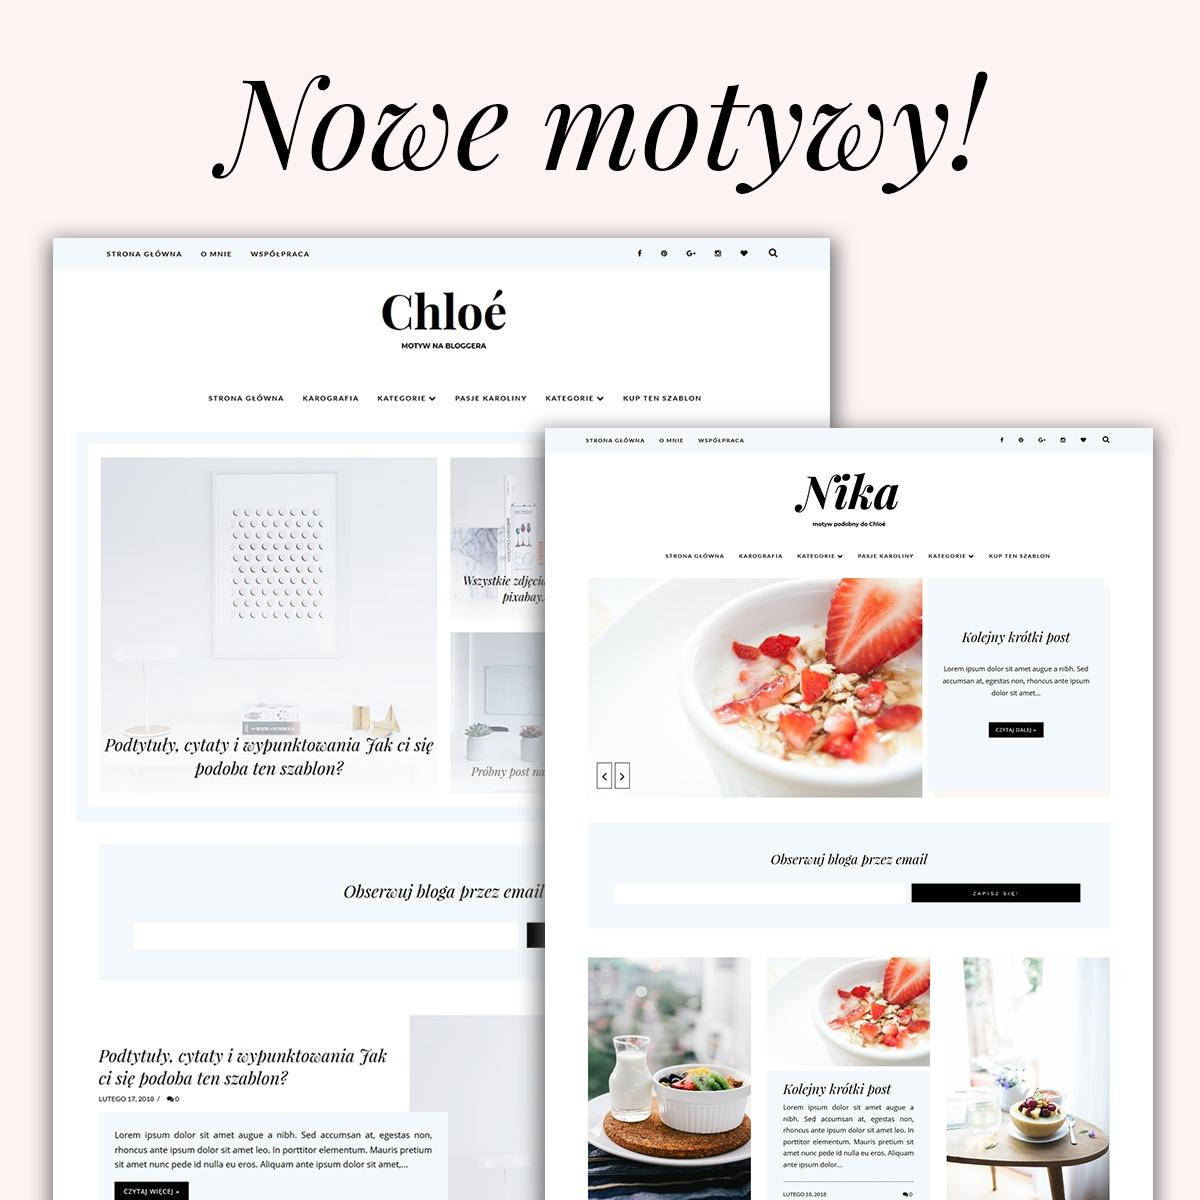 Nowe motywy na bloggera (szablony na blogspot) już w sklepiku! Obejrzyj szablony Chloé i Nika